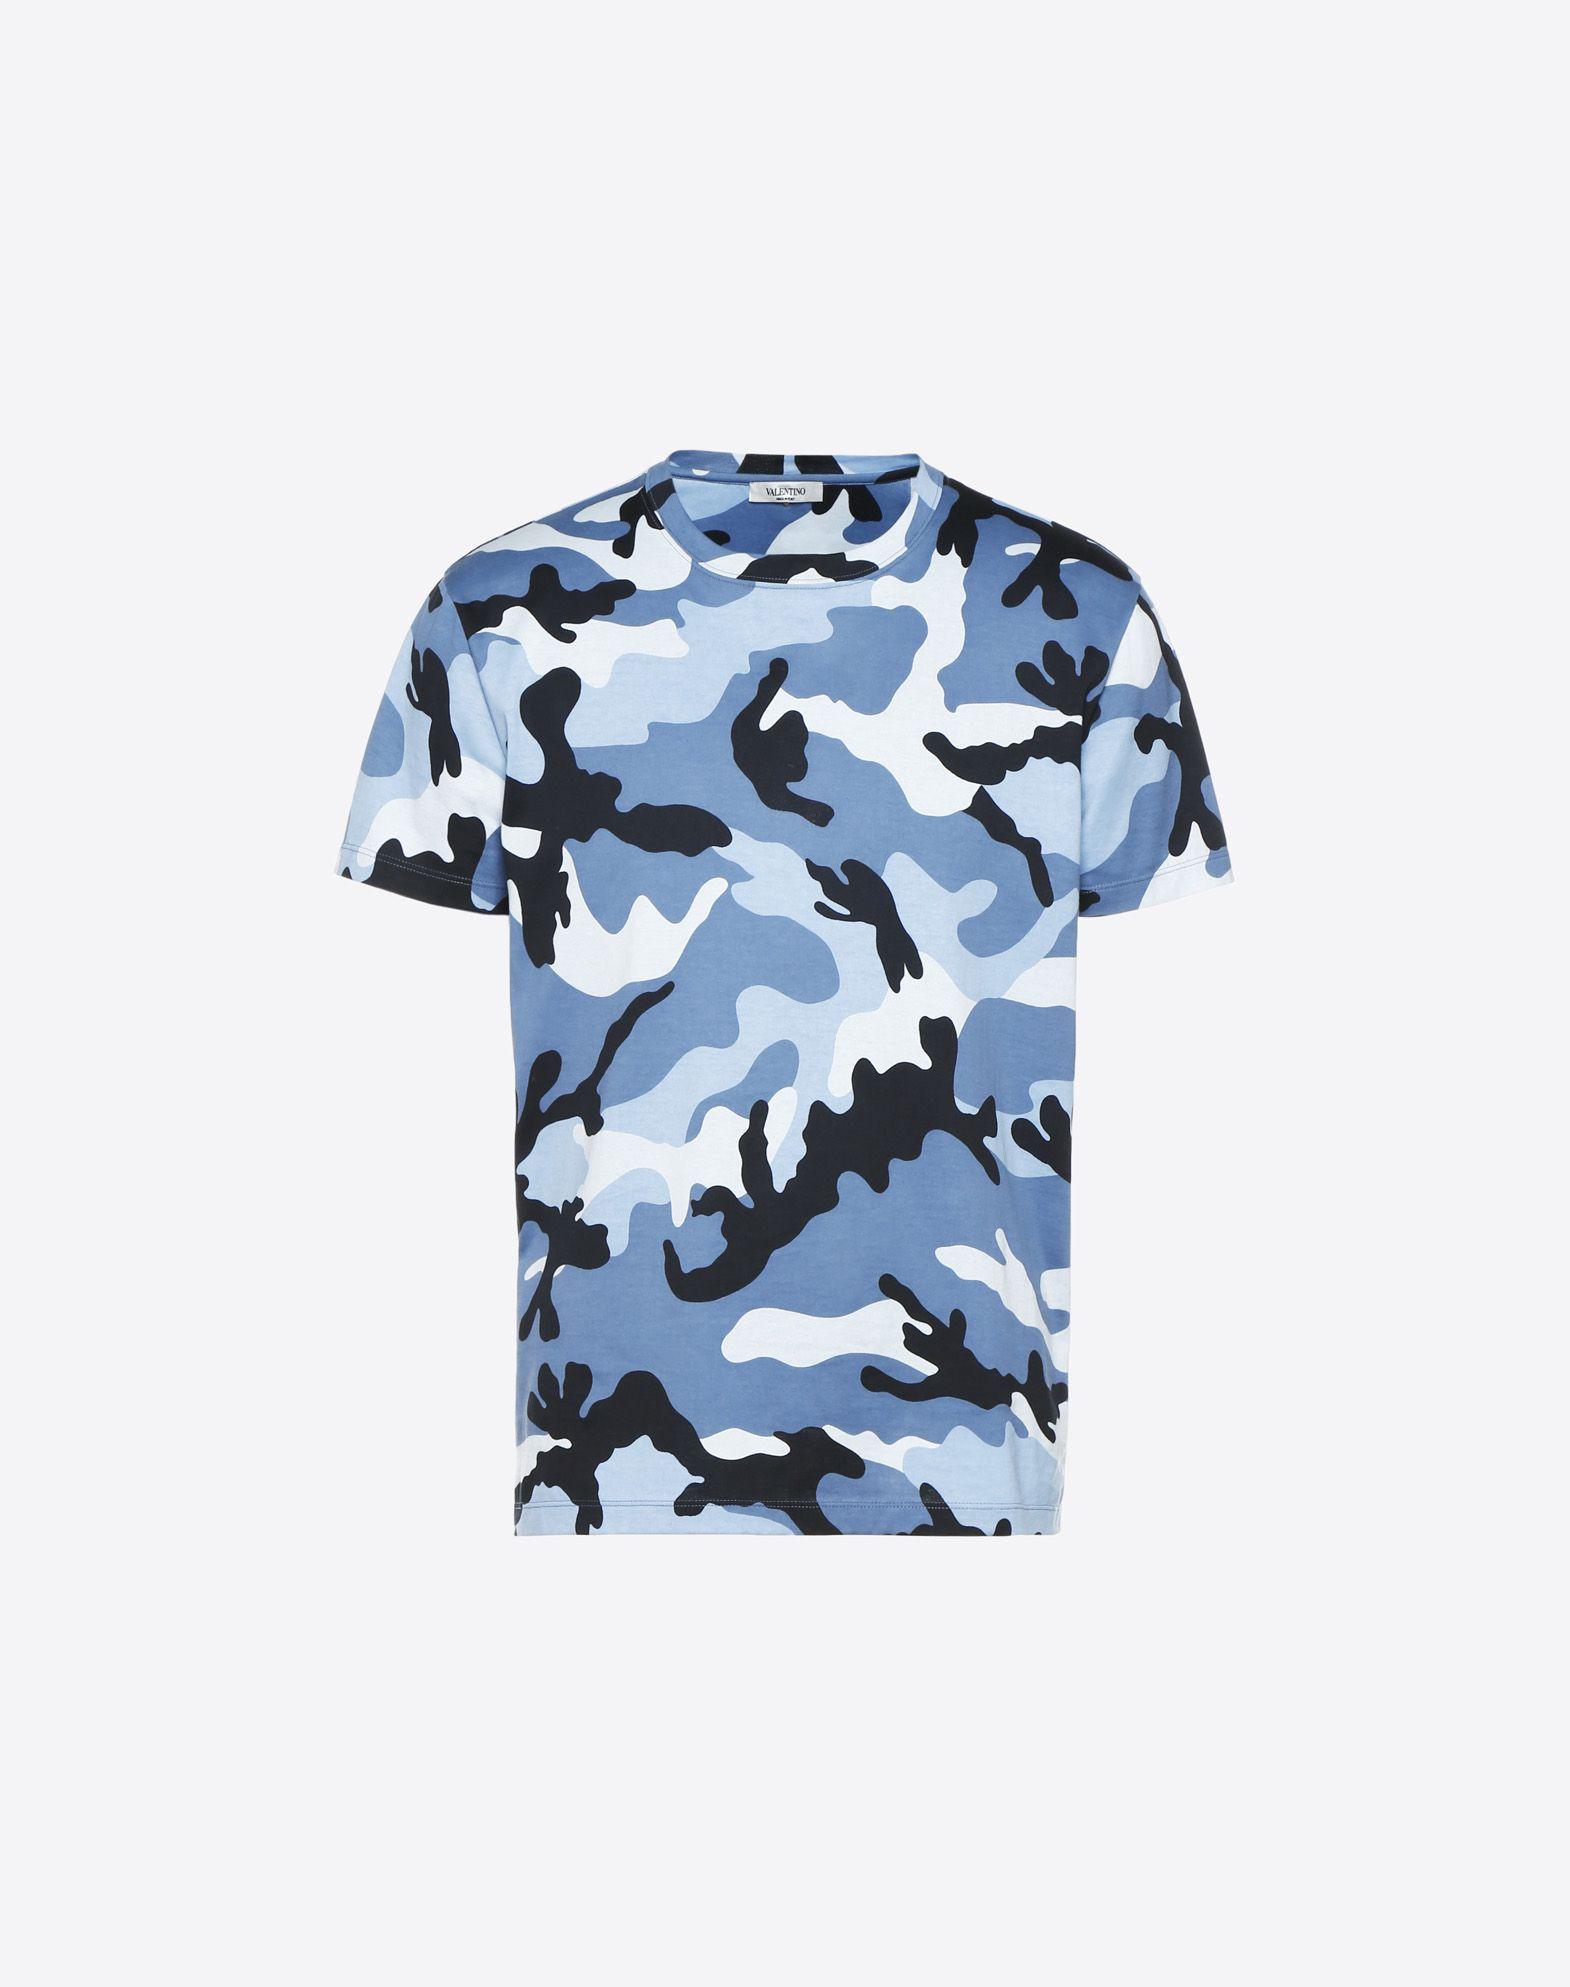 VALENTINO Jersey Camouflage Round collar Short sleeves Side slit hemline  12177571bq